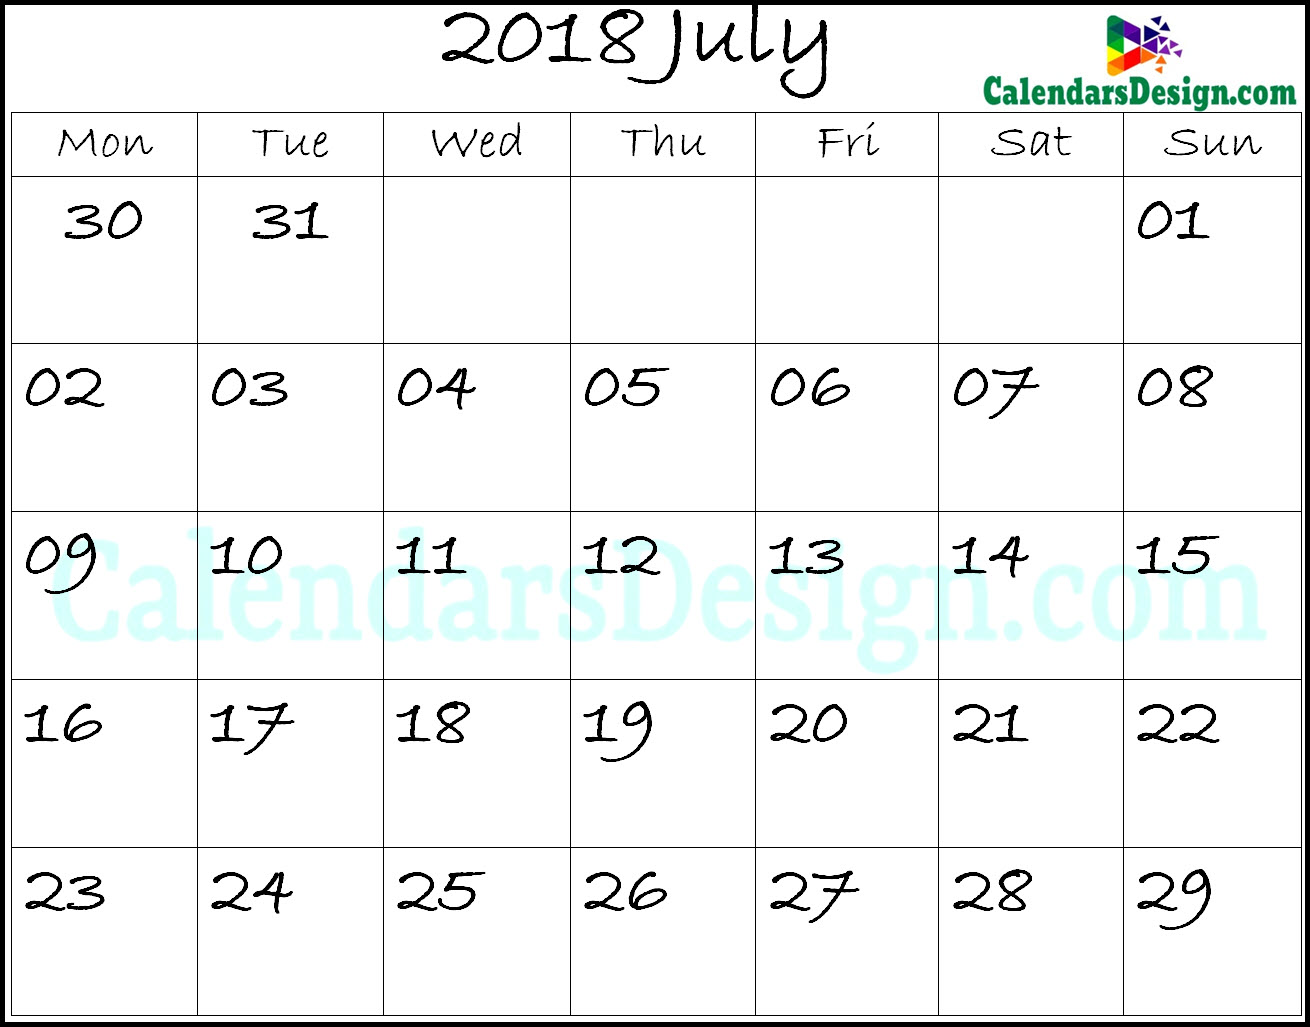 July Calendar 2018 Template